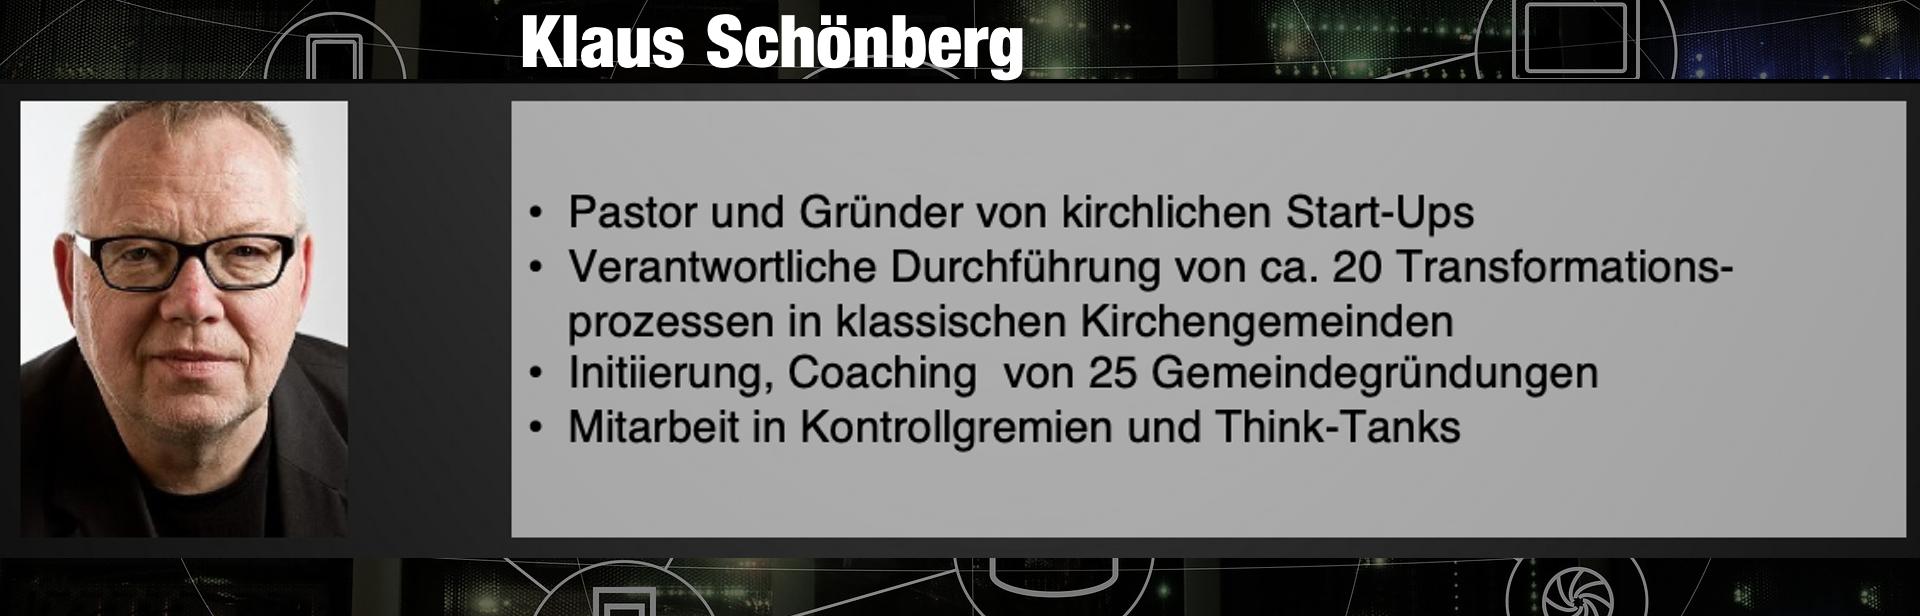 Klaus Schönberg